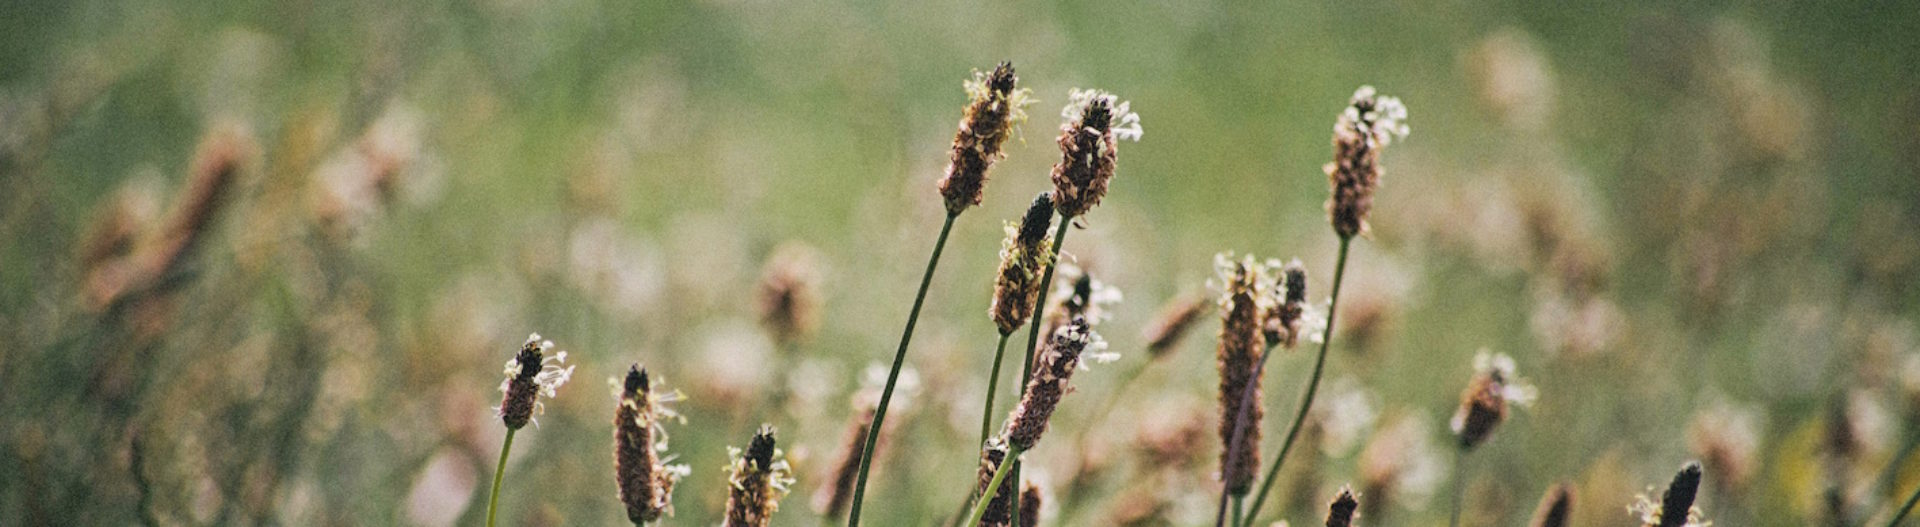 Jardiner Futé en Permaculture